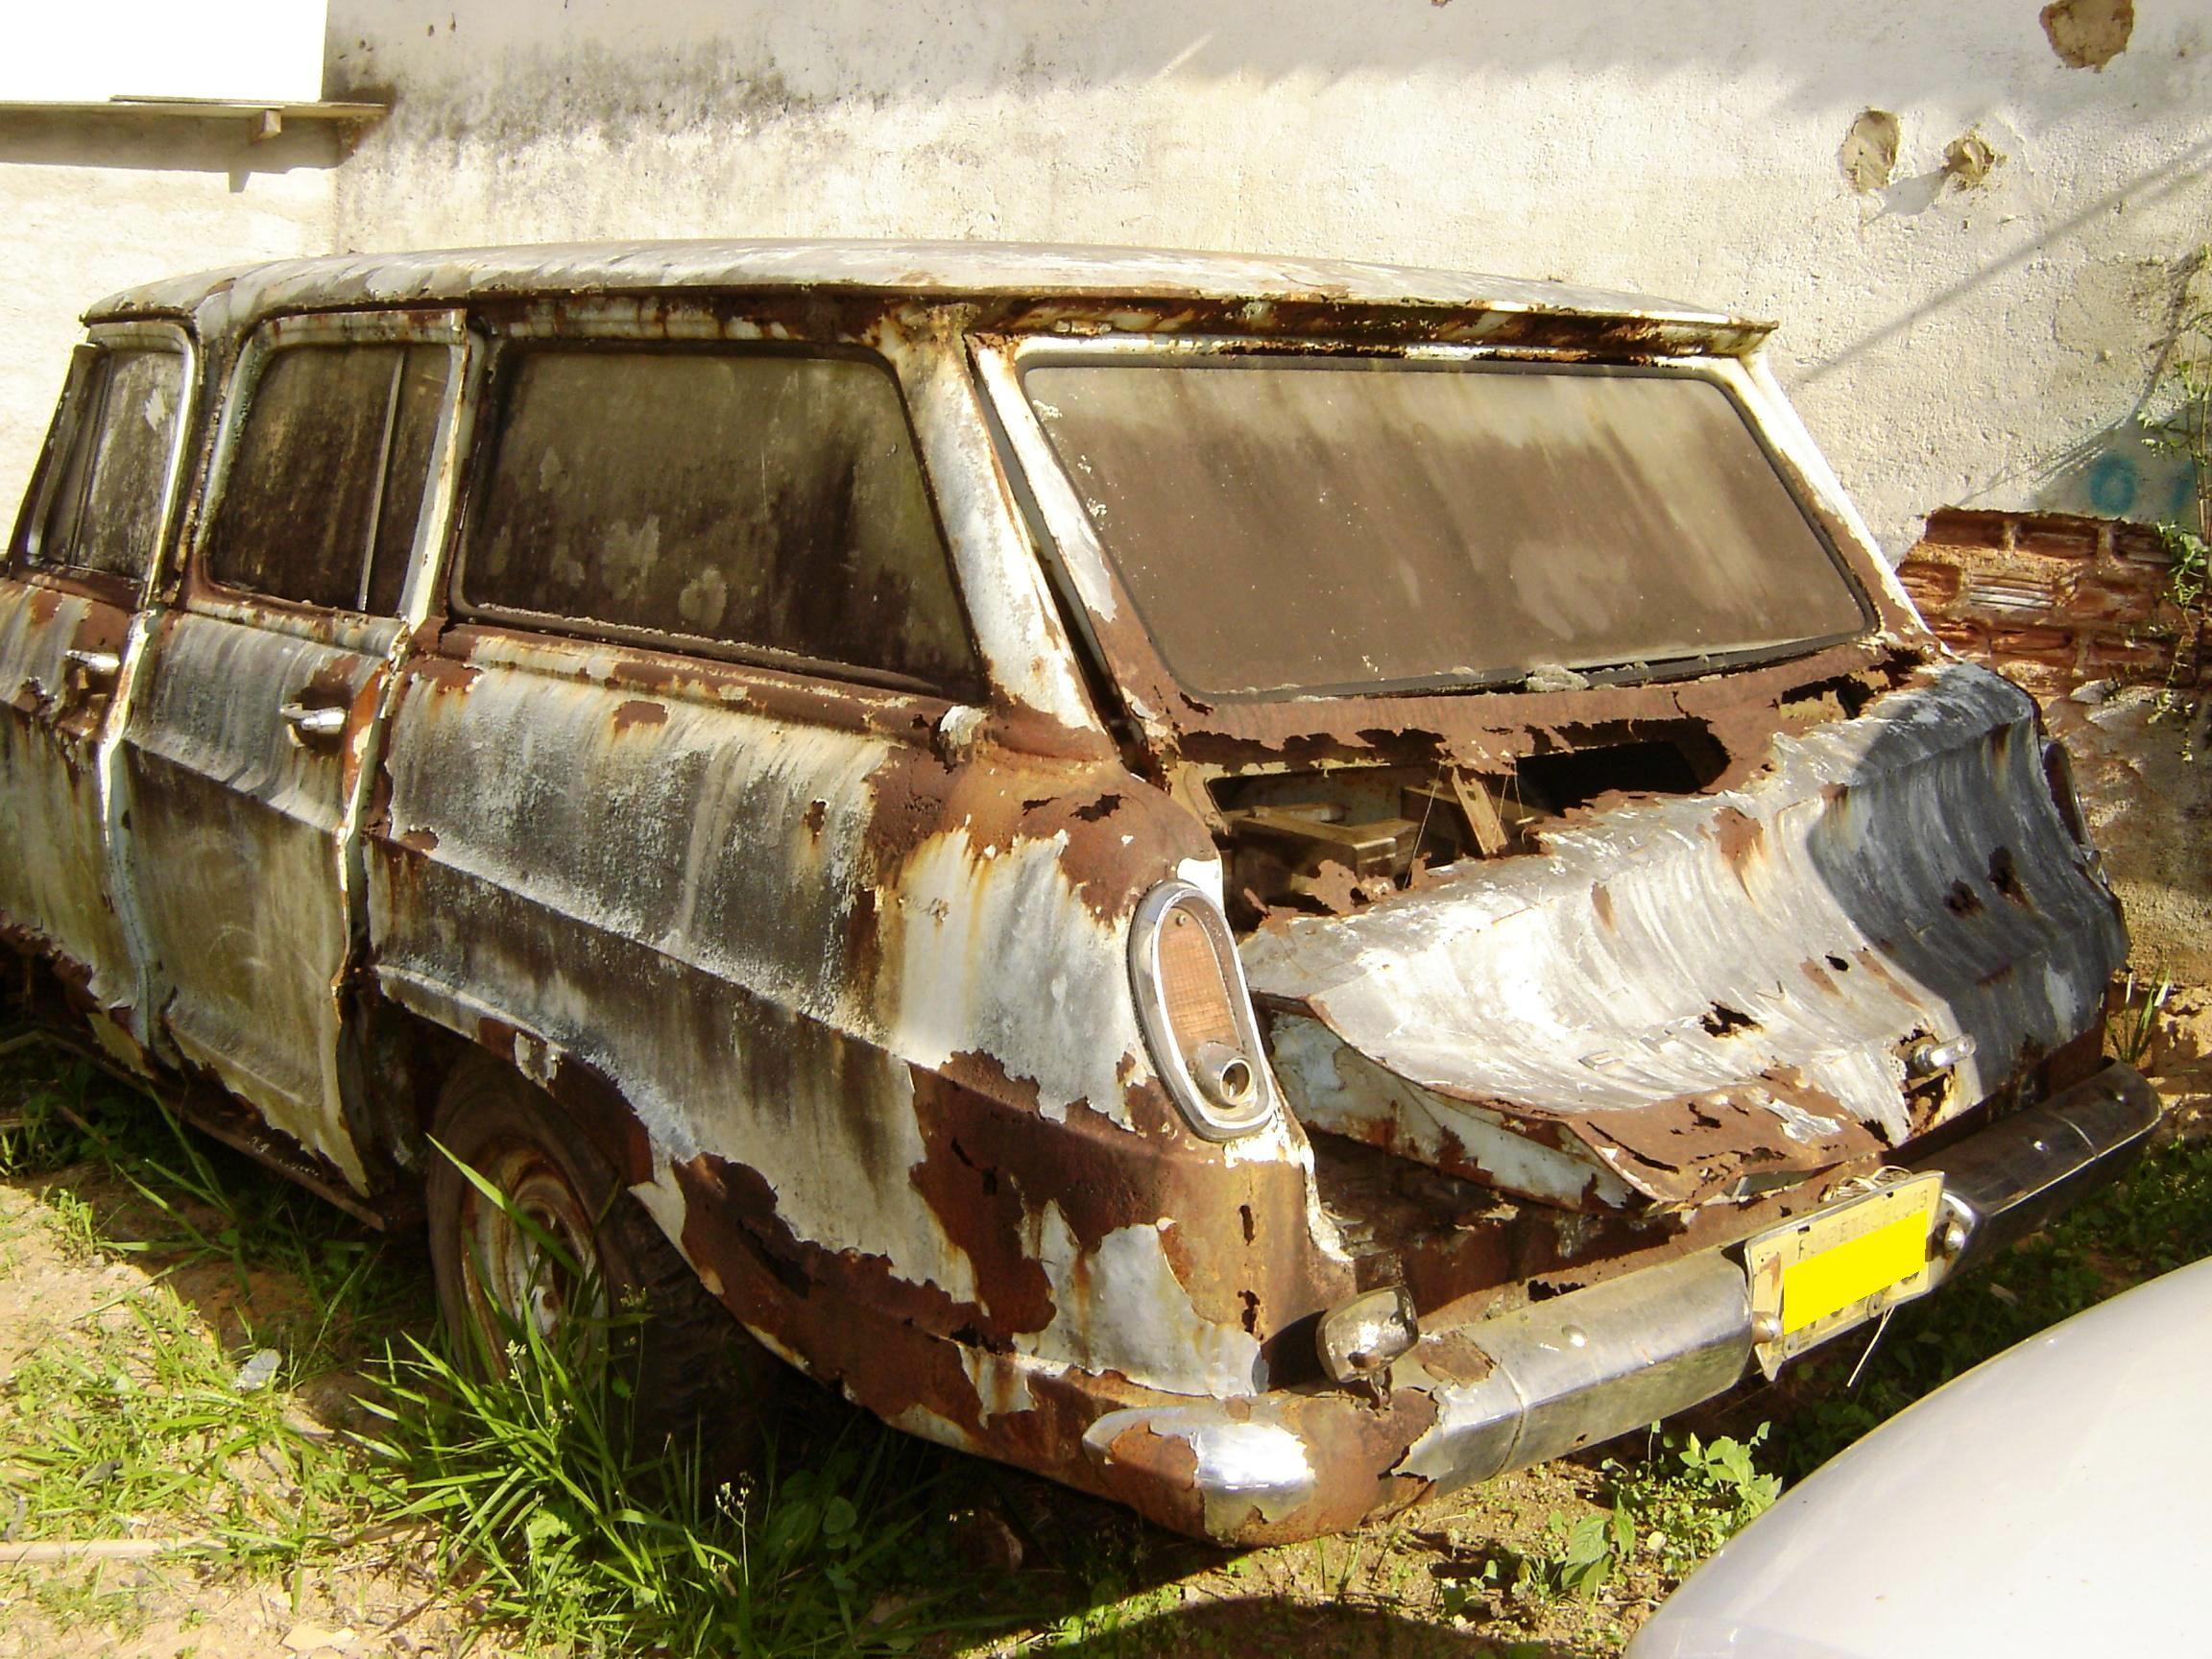 chevrolet_veraneio_1969 Chevrolet Veraneio 1969